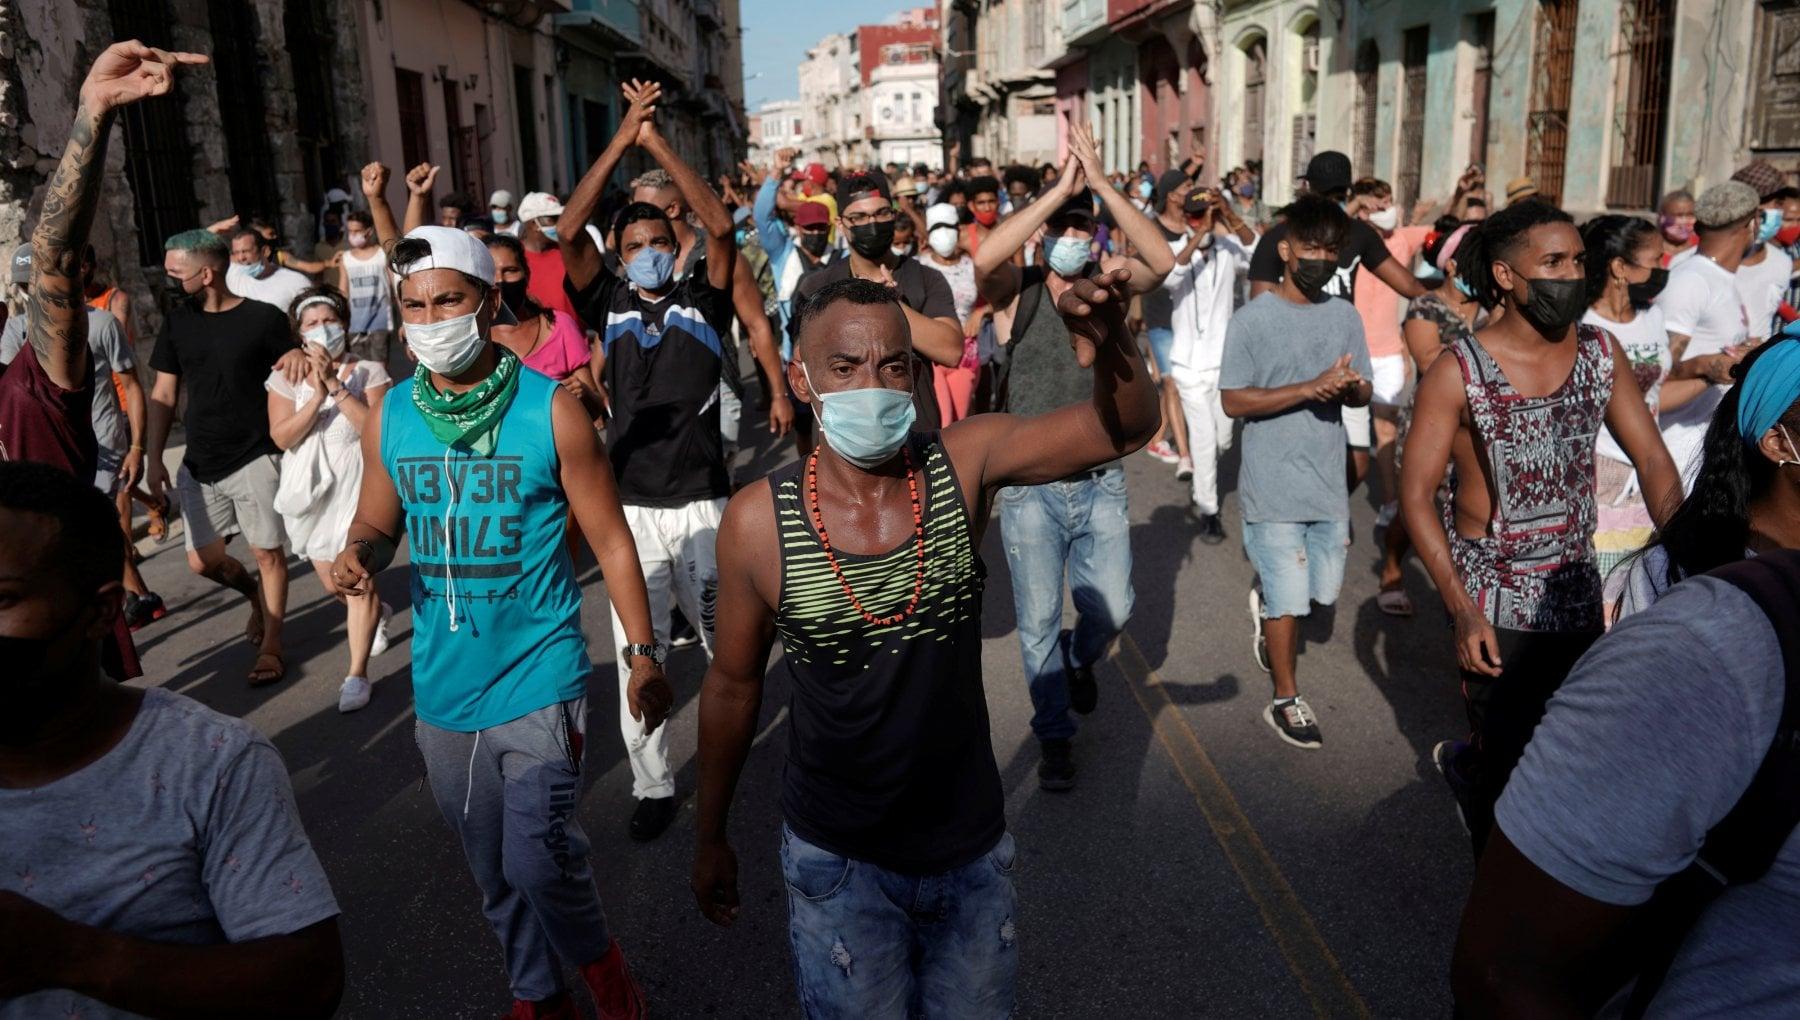 """224622536 9b3b9b45 fda0 4530 956b 8c8fffd6abae - Cuba in piazza sfida il regime: """"A morte il comunismo, ora libertà"""""""